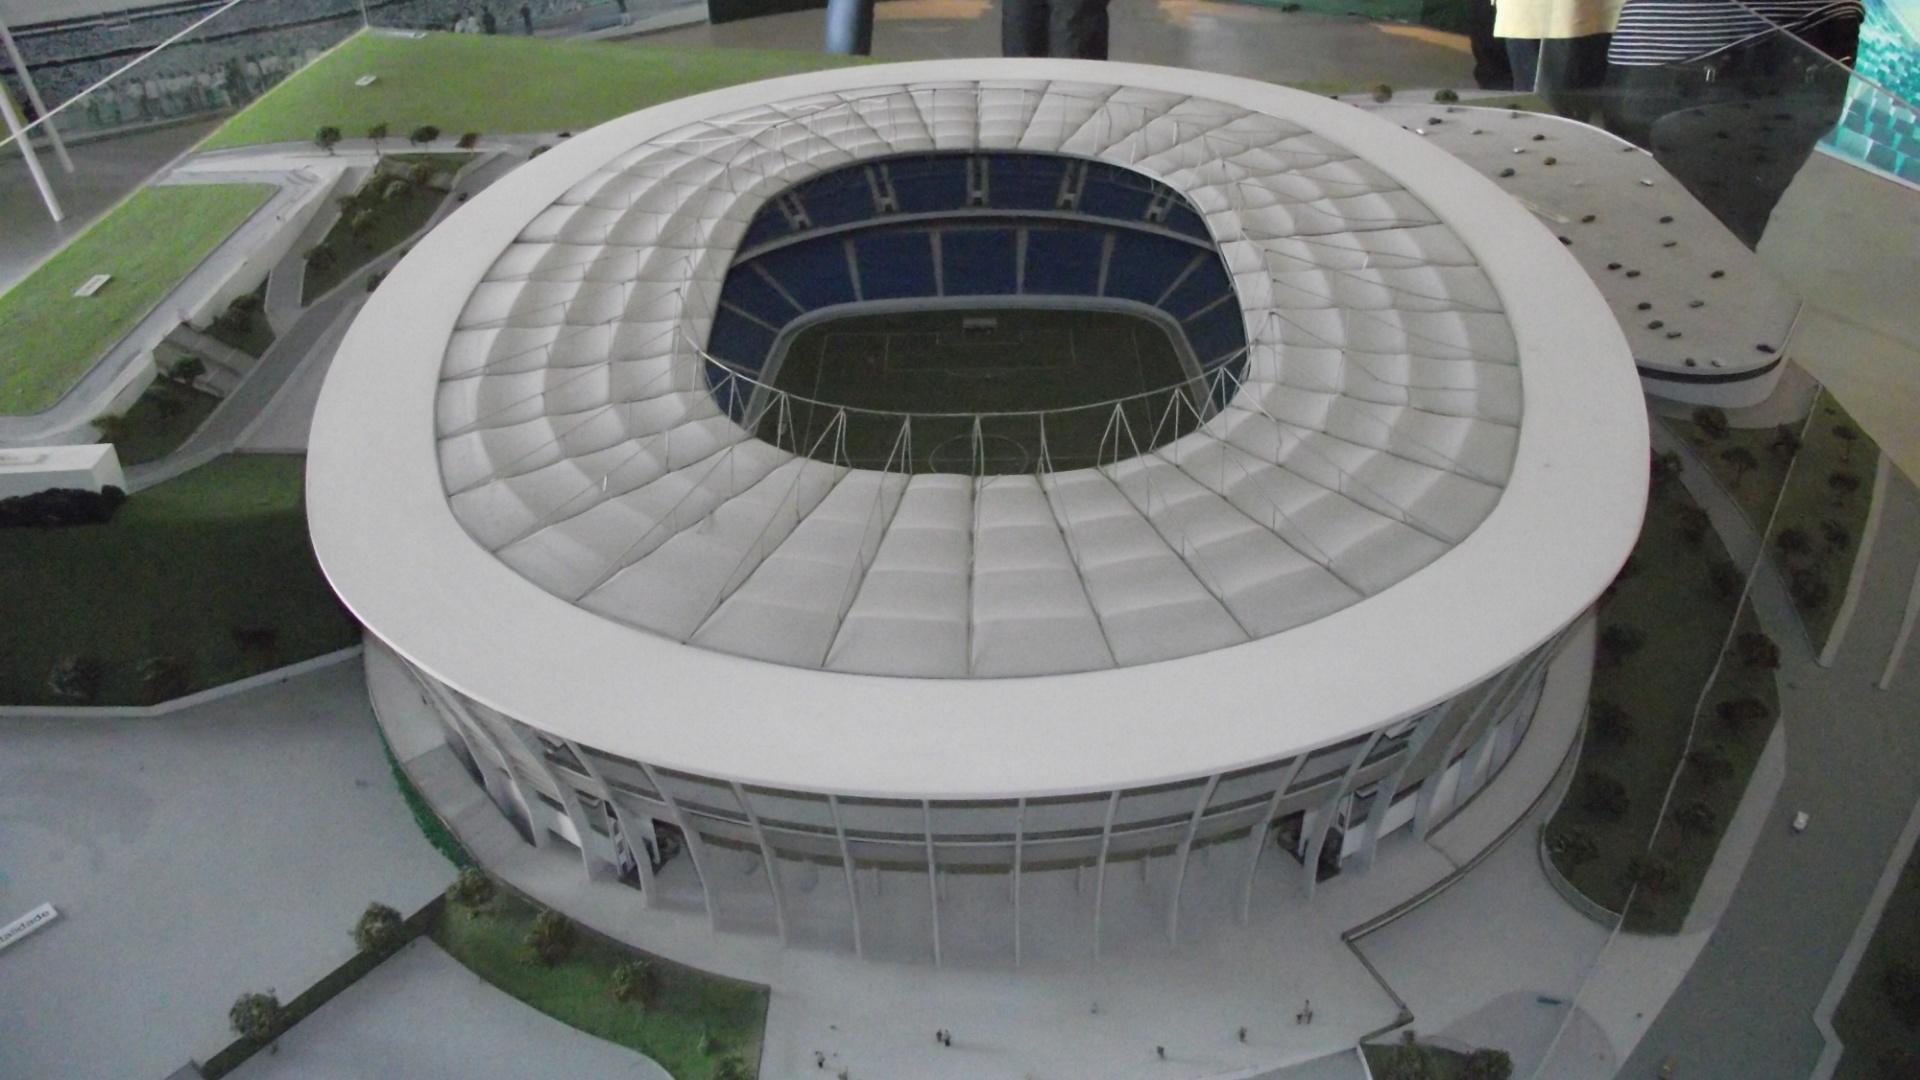 Arena fonte nova em 360 blog do anderson for Estadio arena